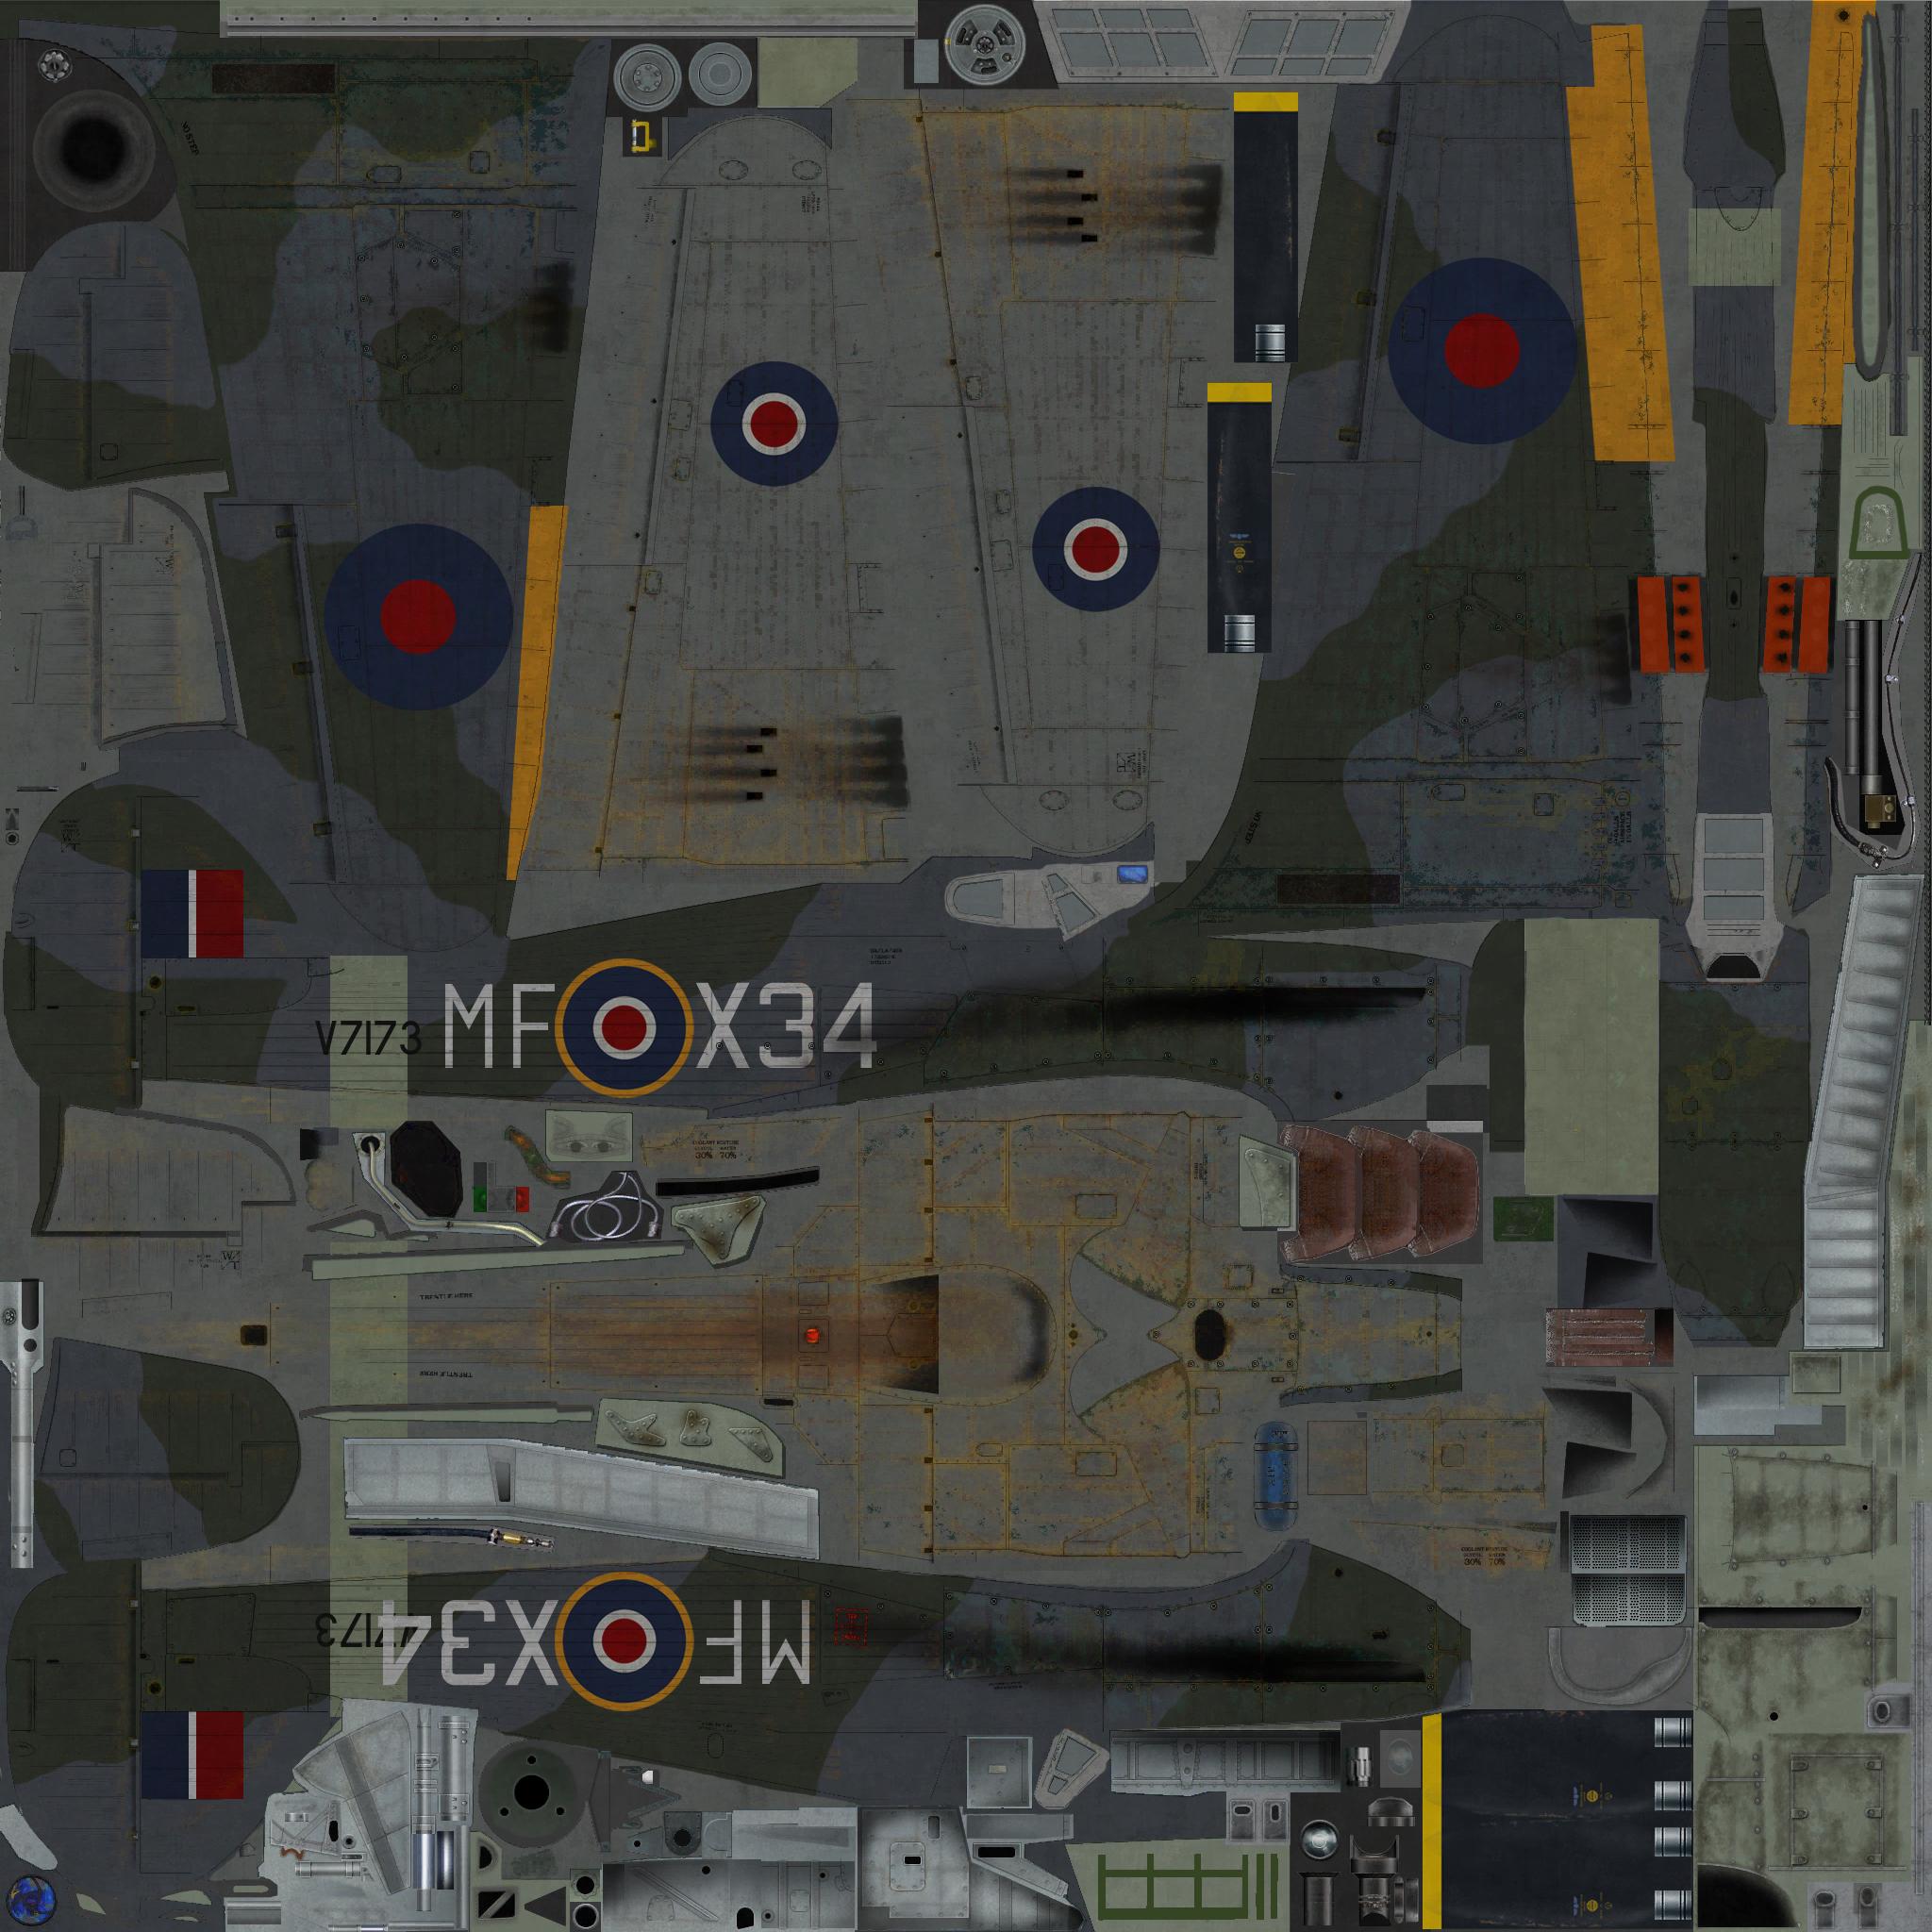 COD KF Hurricane I RAF 59OTU MF X34 V7173 Turnhouse 1943